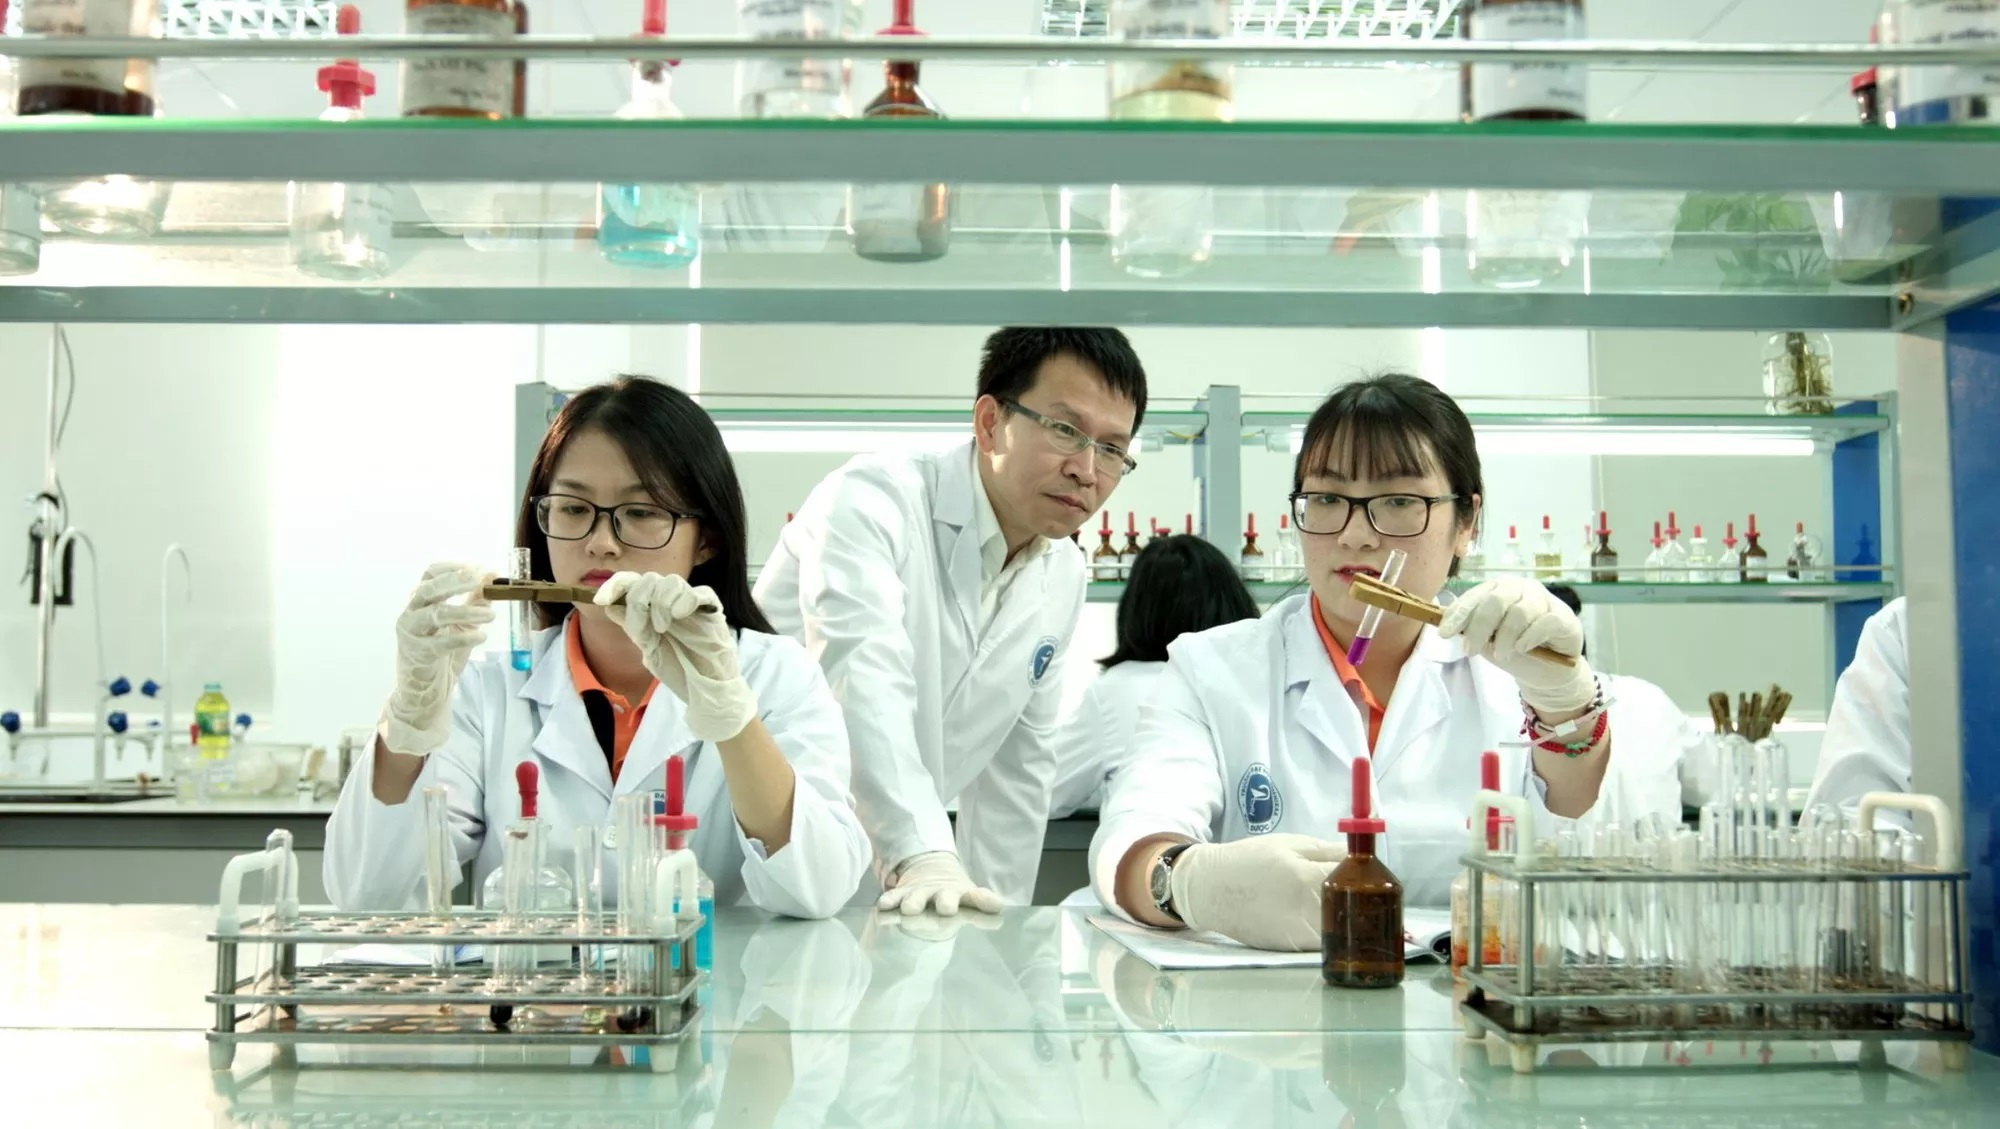 Hiện đang tồn tại 5 mô hình sở hữu trong hệ thống giáo dục đại học tư thục Việt Nam. Trong ảnh: Đại học Phenikaa thuộc nhóm trường do các tập đoàn đa ngành sở hữu phần lớn hoặc toàn bộ cổ phần. Nguồn: Kênh 14